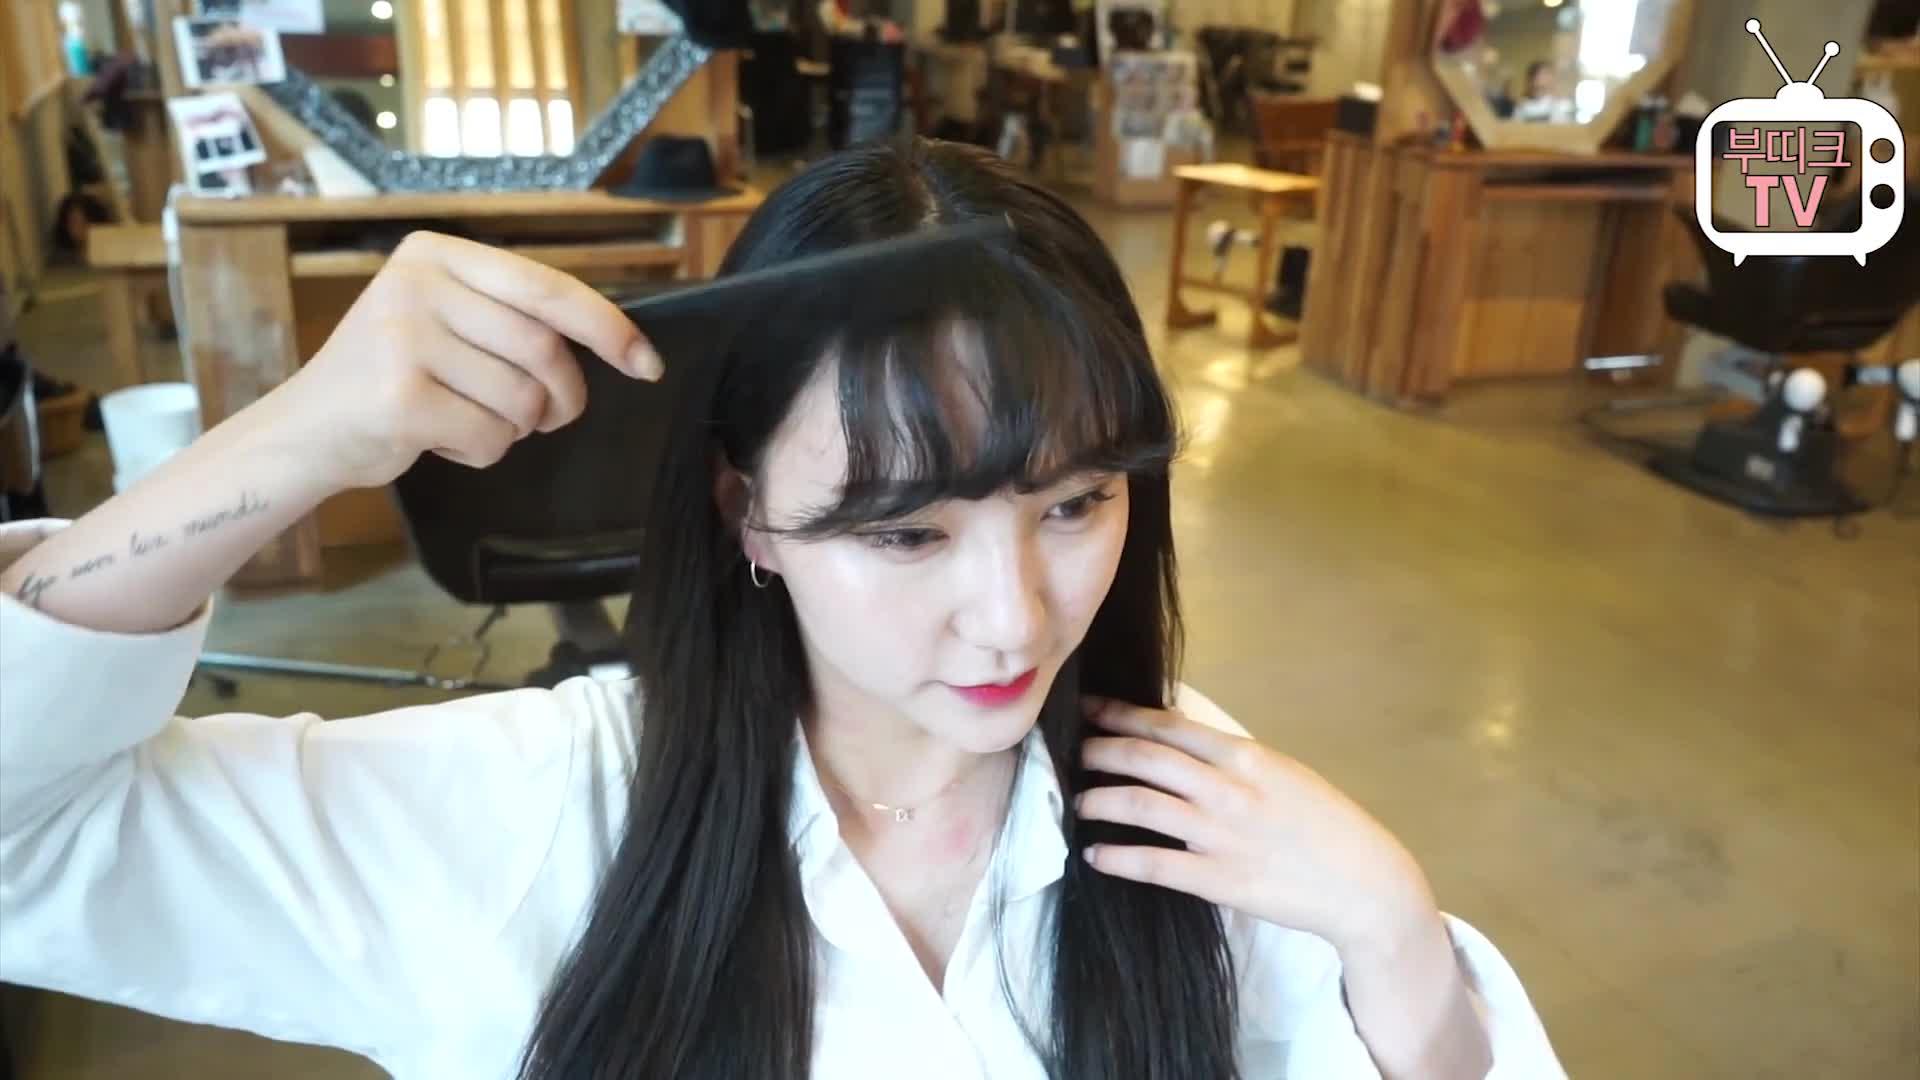 톡톡튀는 히피펌 헤어스타일♥ 쌈마이웨이 김지원 앞머리 헤어스타일!